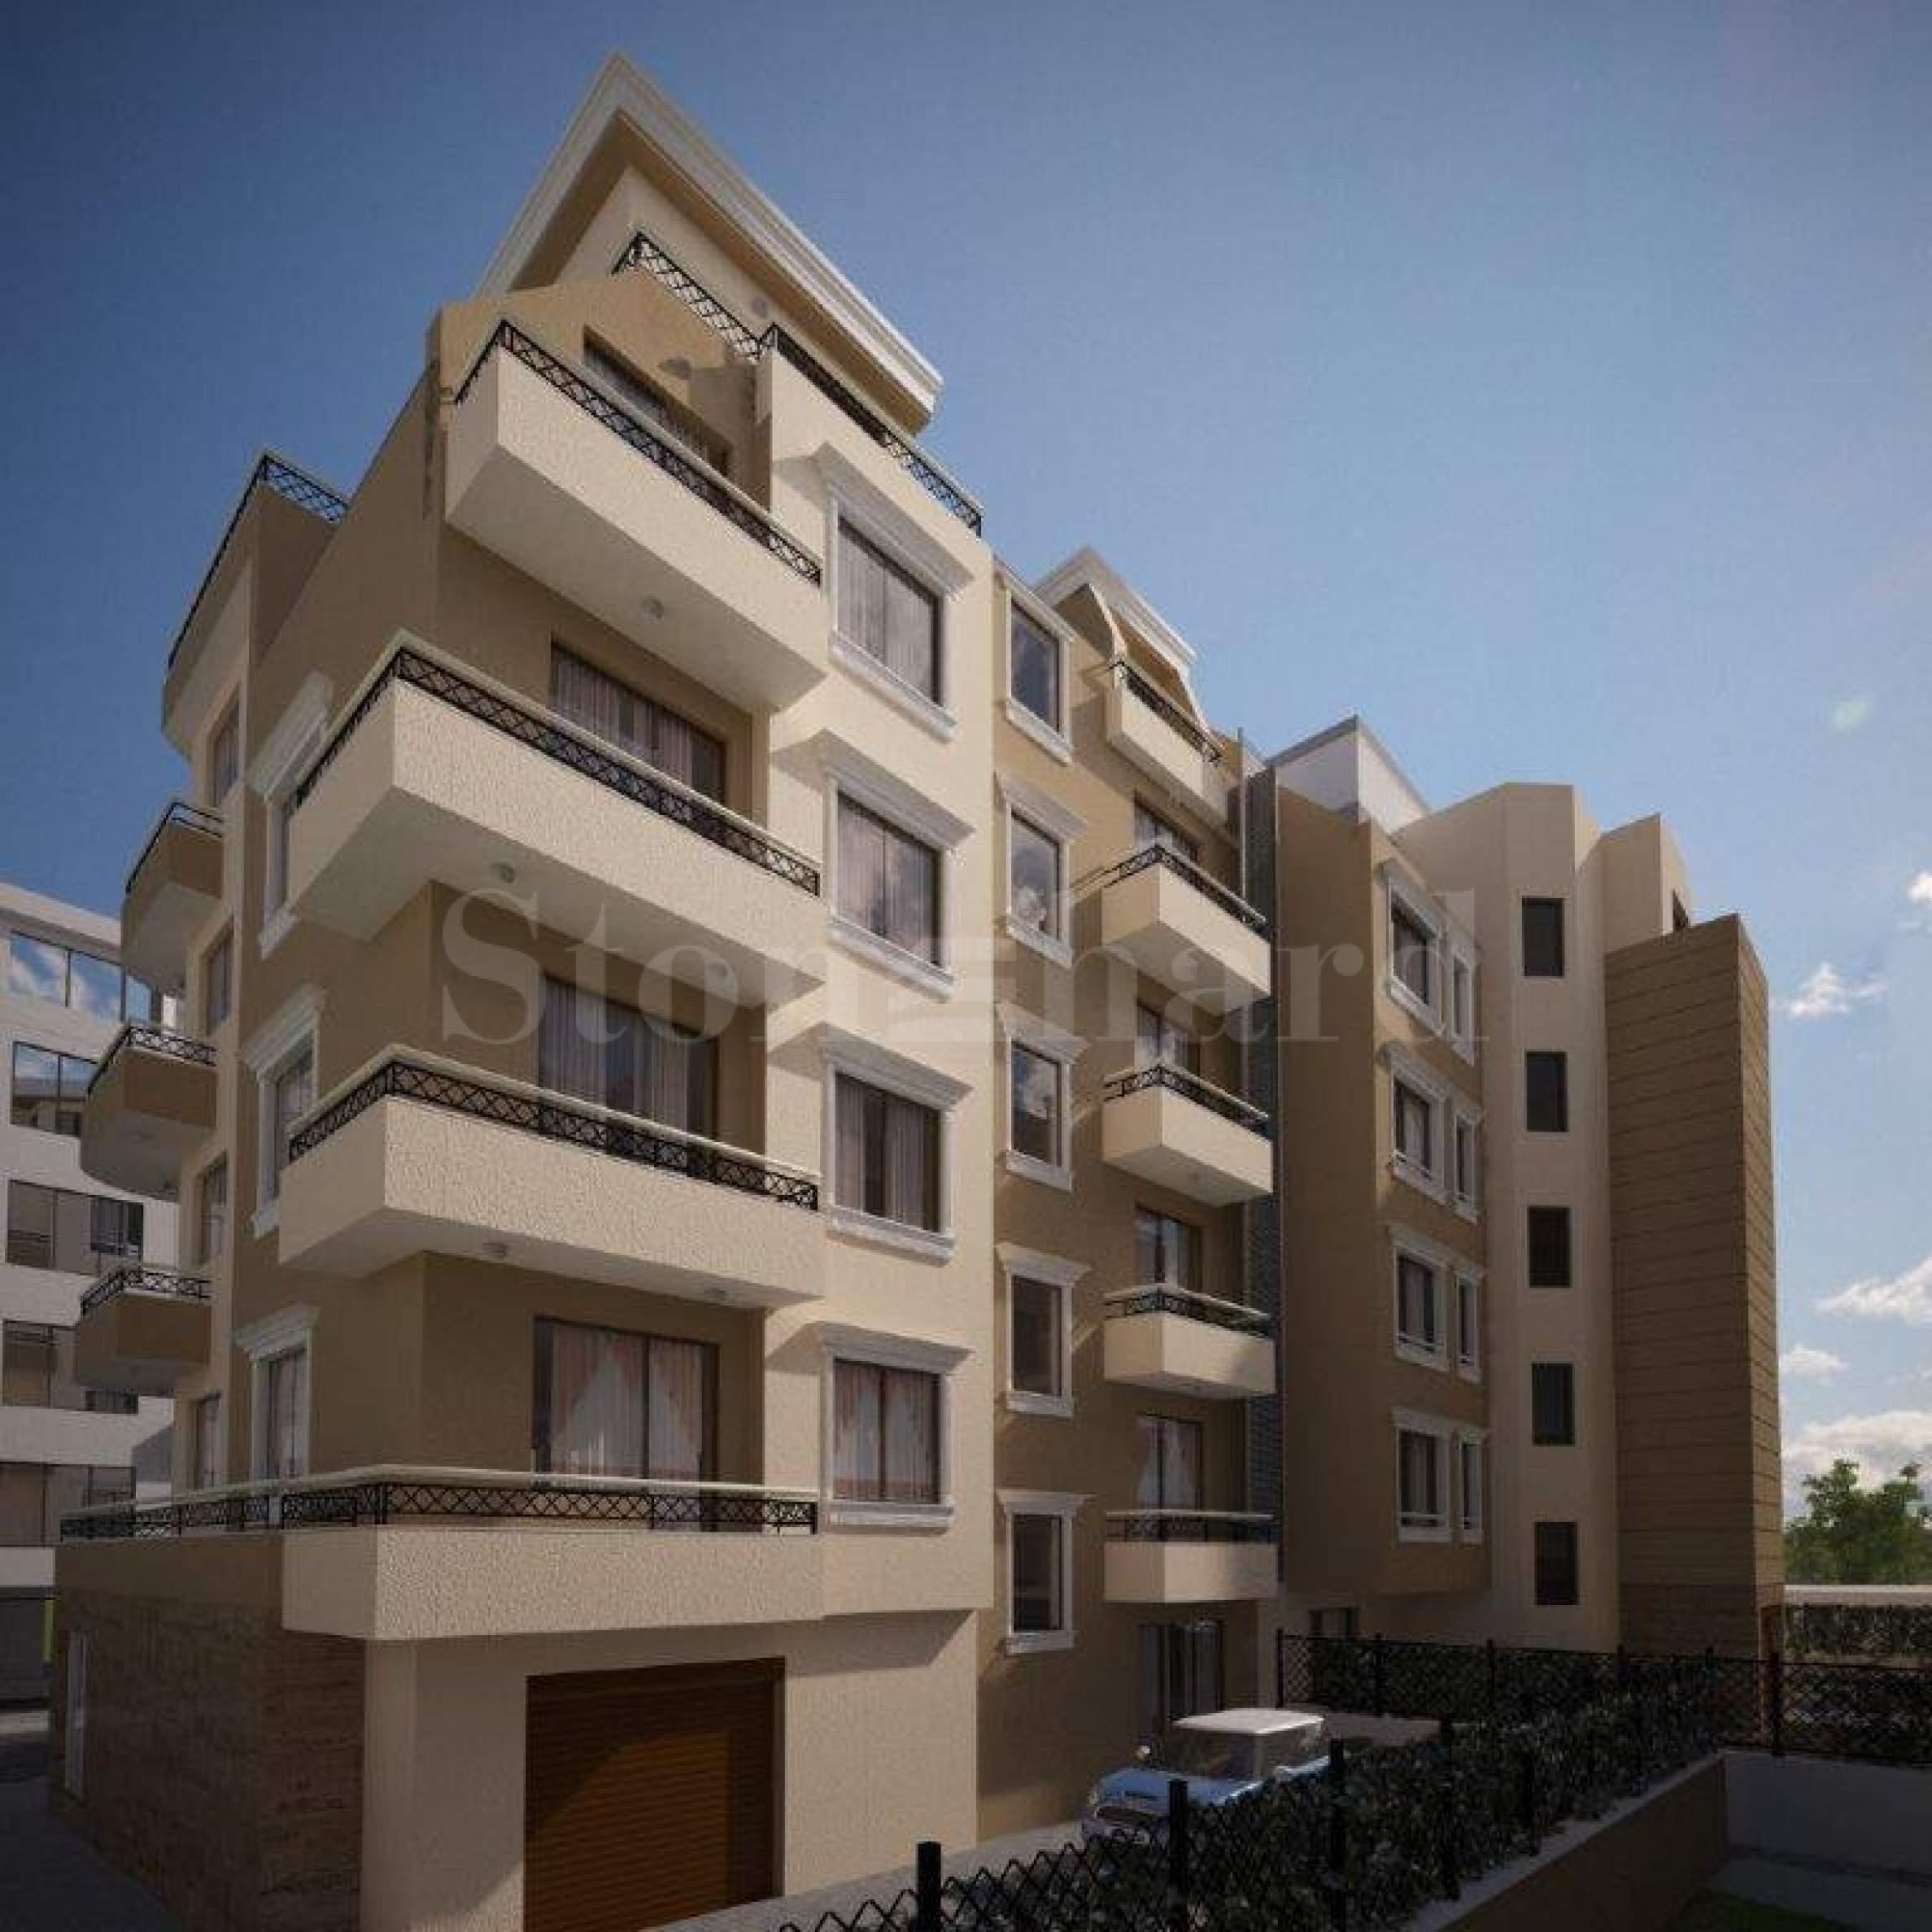 Апартаменти и офиси в комплекс висок клас строителство2 - Stonehard